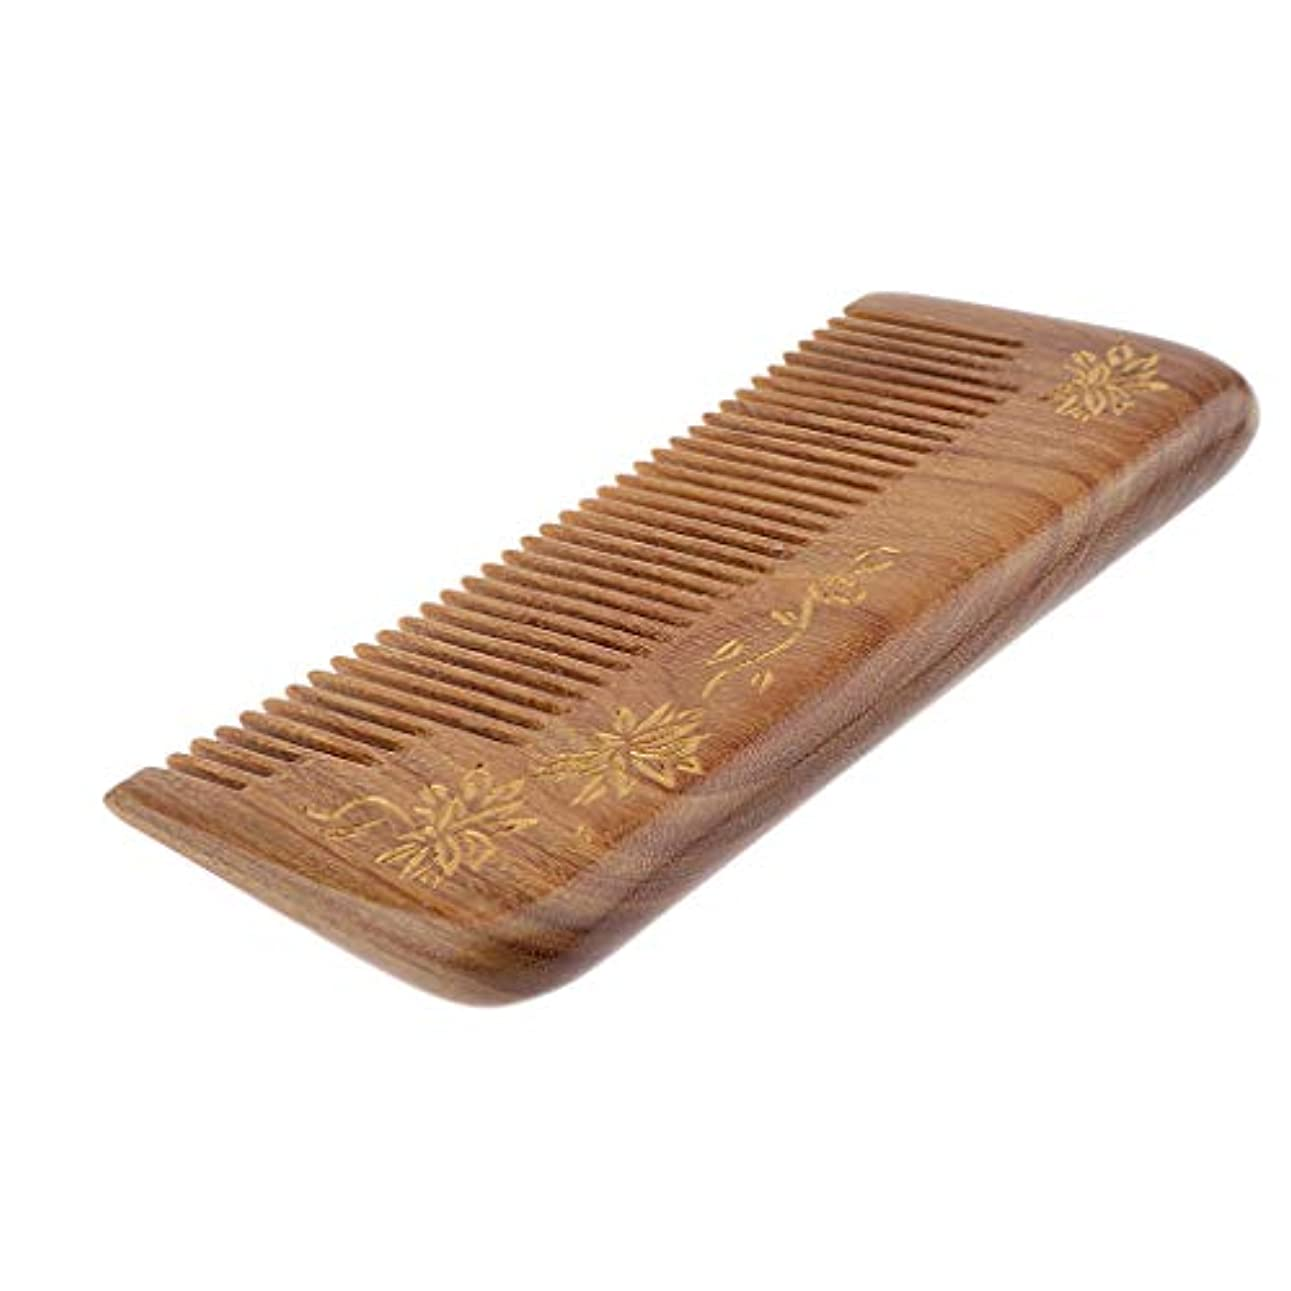 幸運な支配的落ち着いて帯電防止櫛 ヘアブラシ 木製櫛 広い歯 自然な木 マッサージ櫛 プレゼント 4仕様選べ - #3